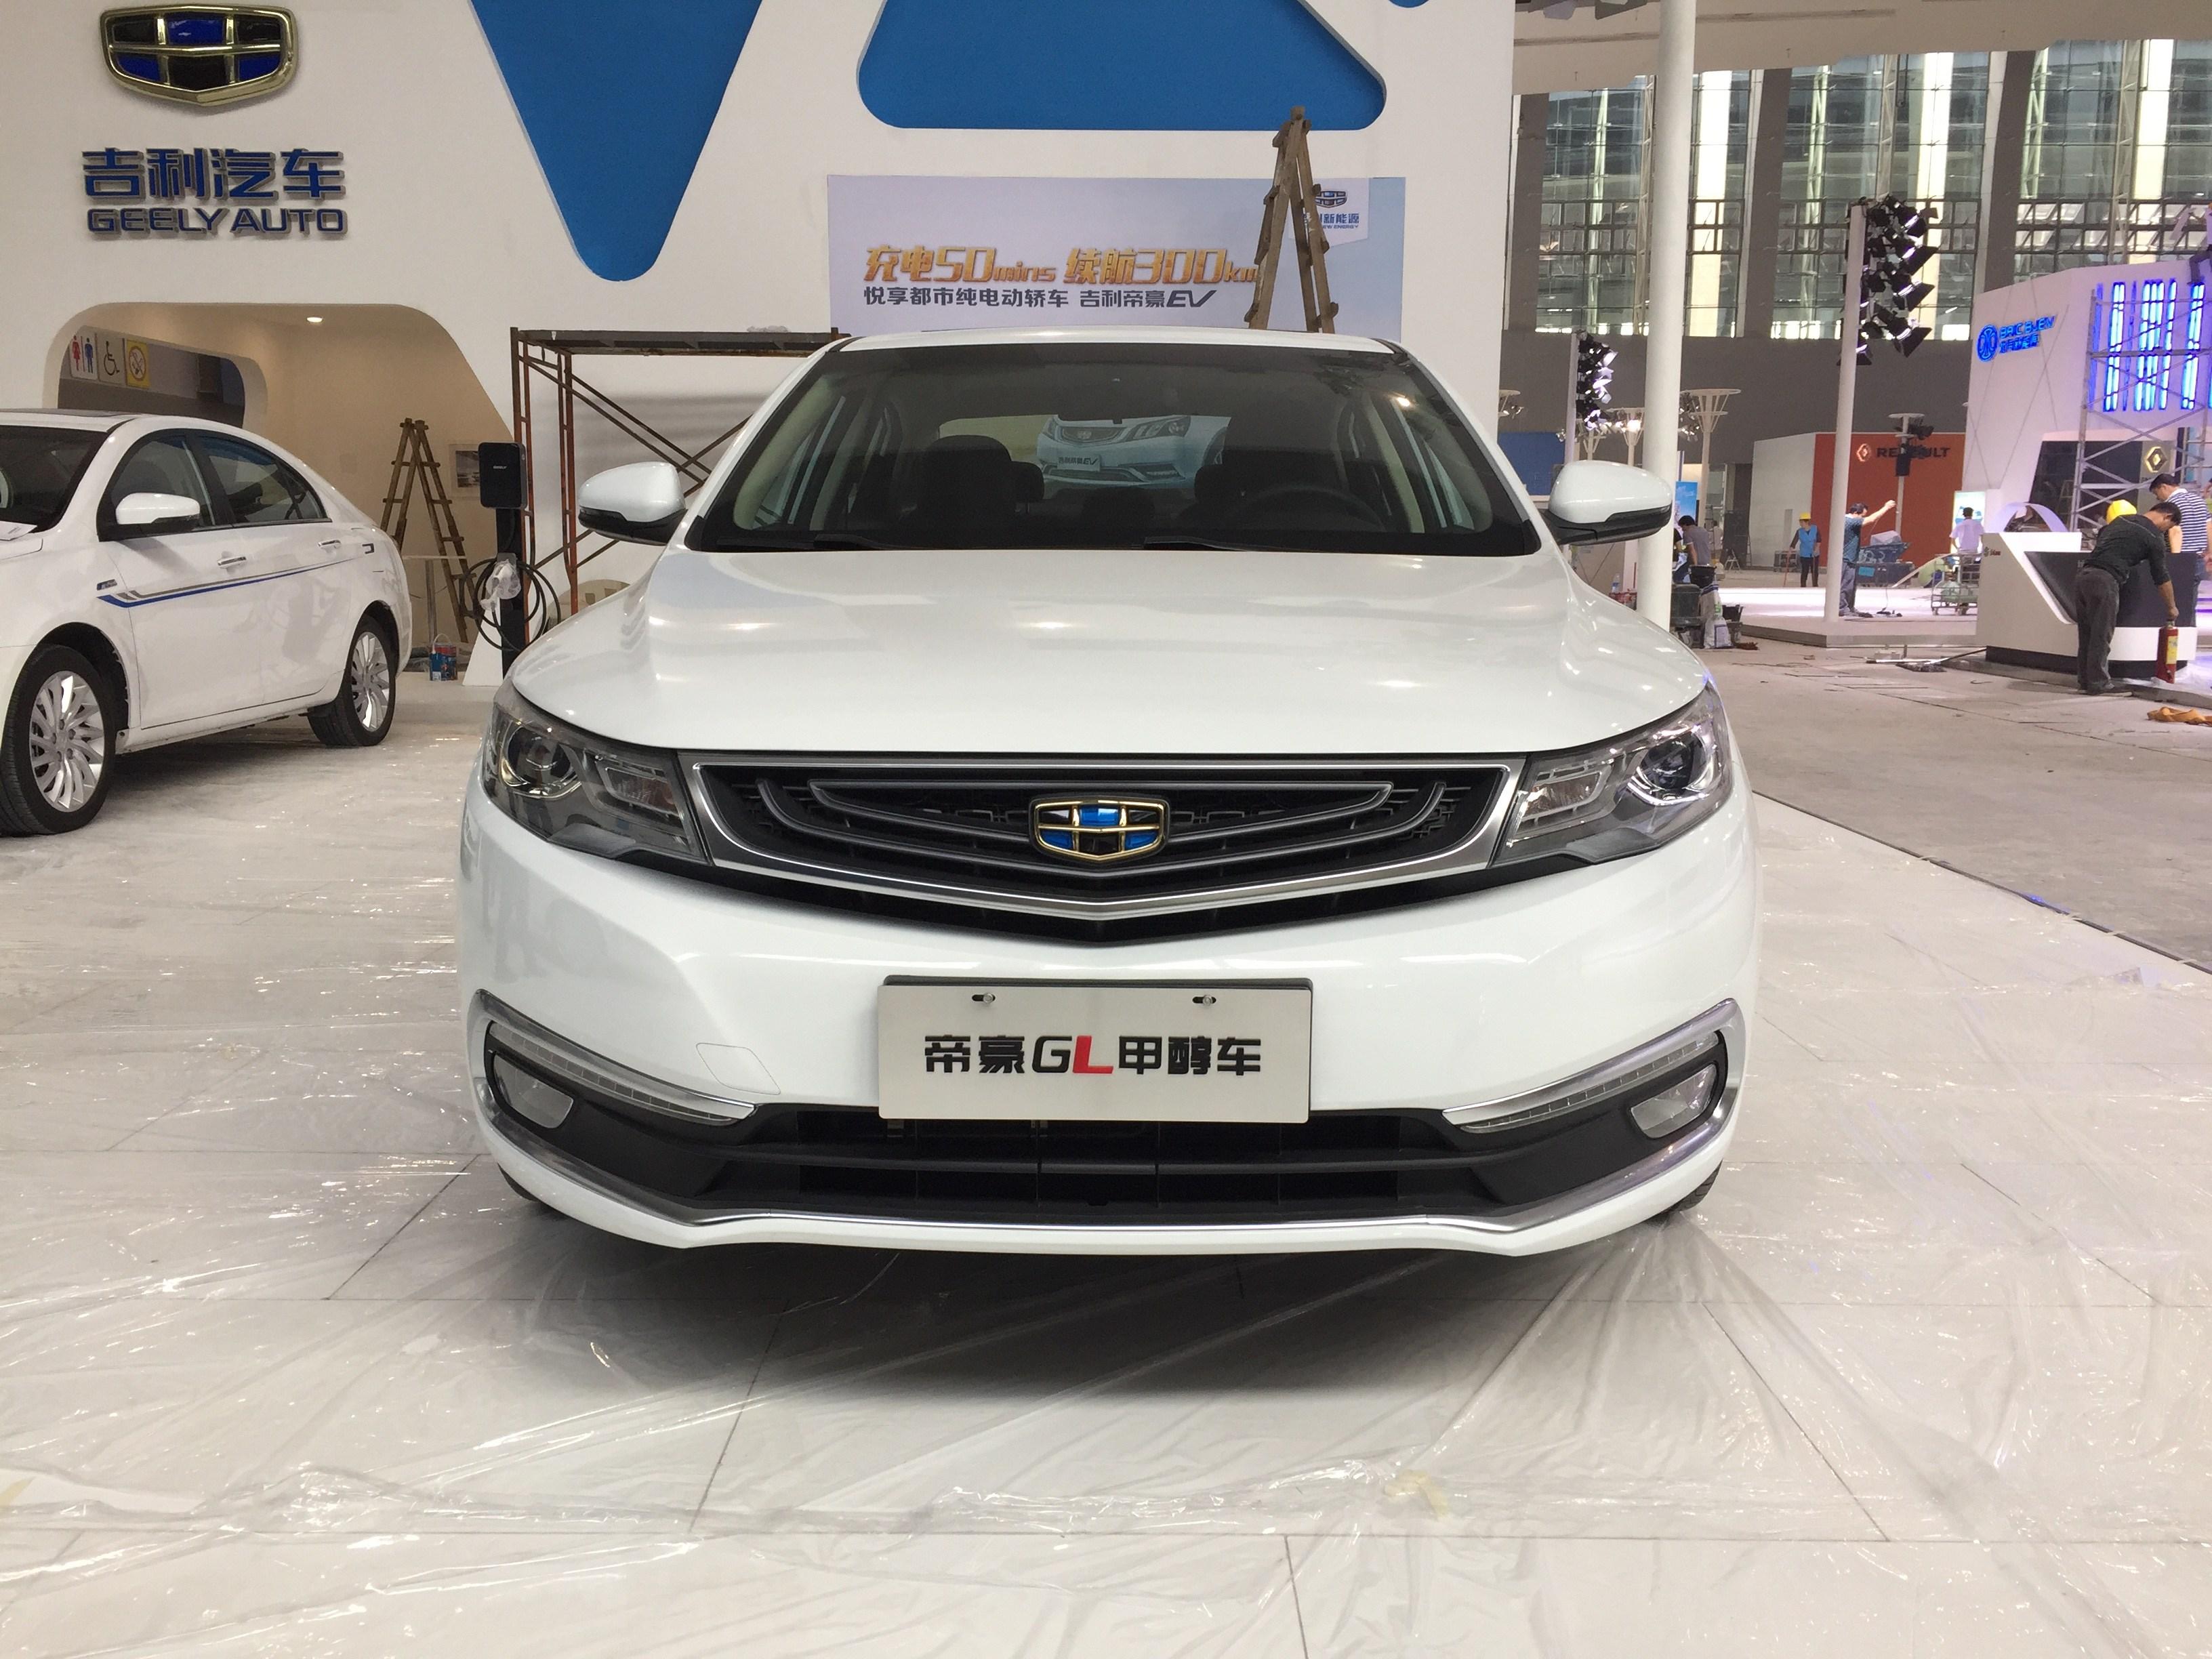 2016广州车展探馆 帝豪GL甲醇燃料车曝光